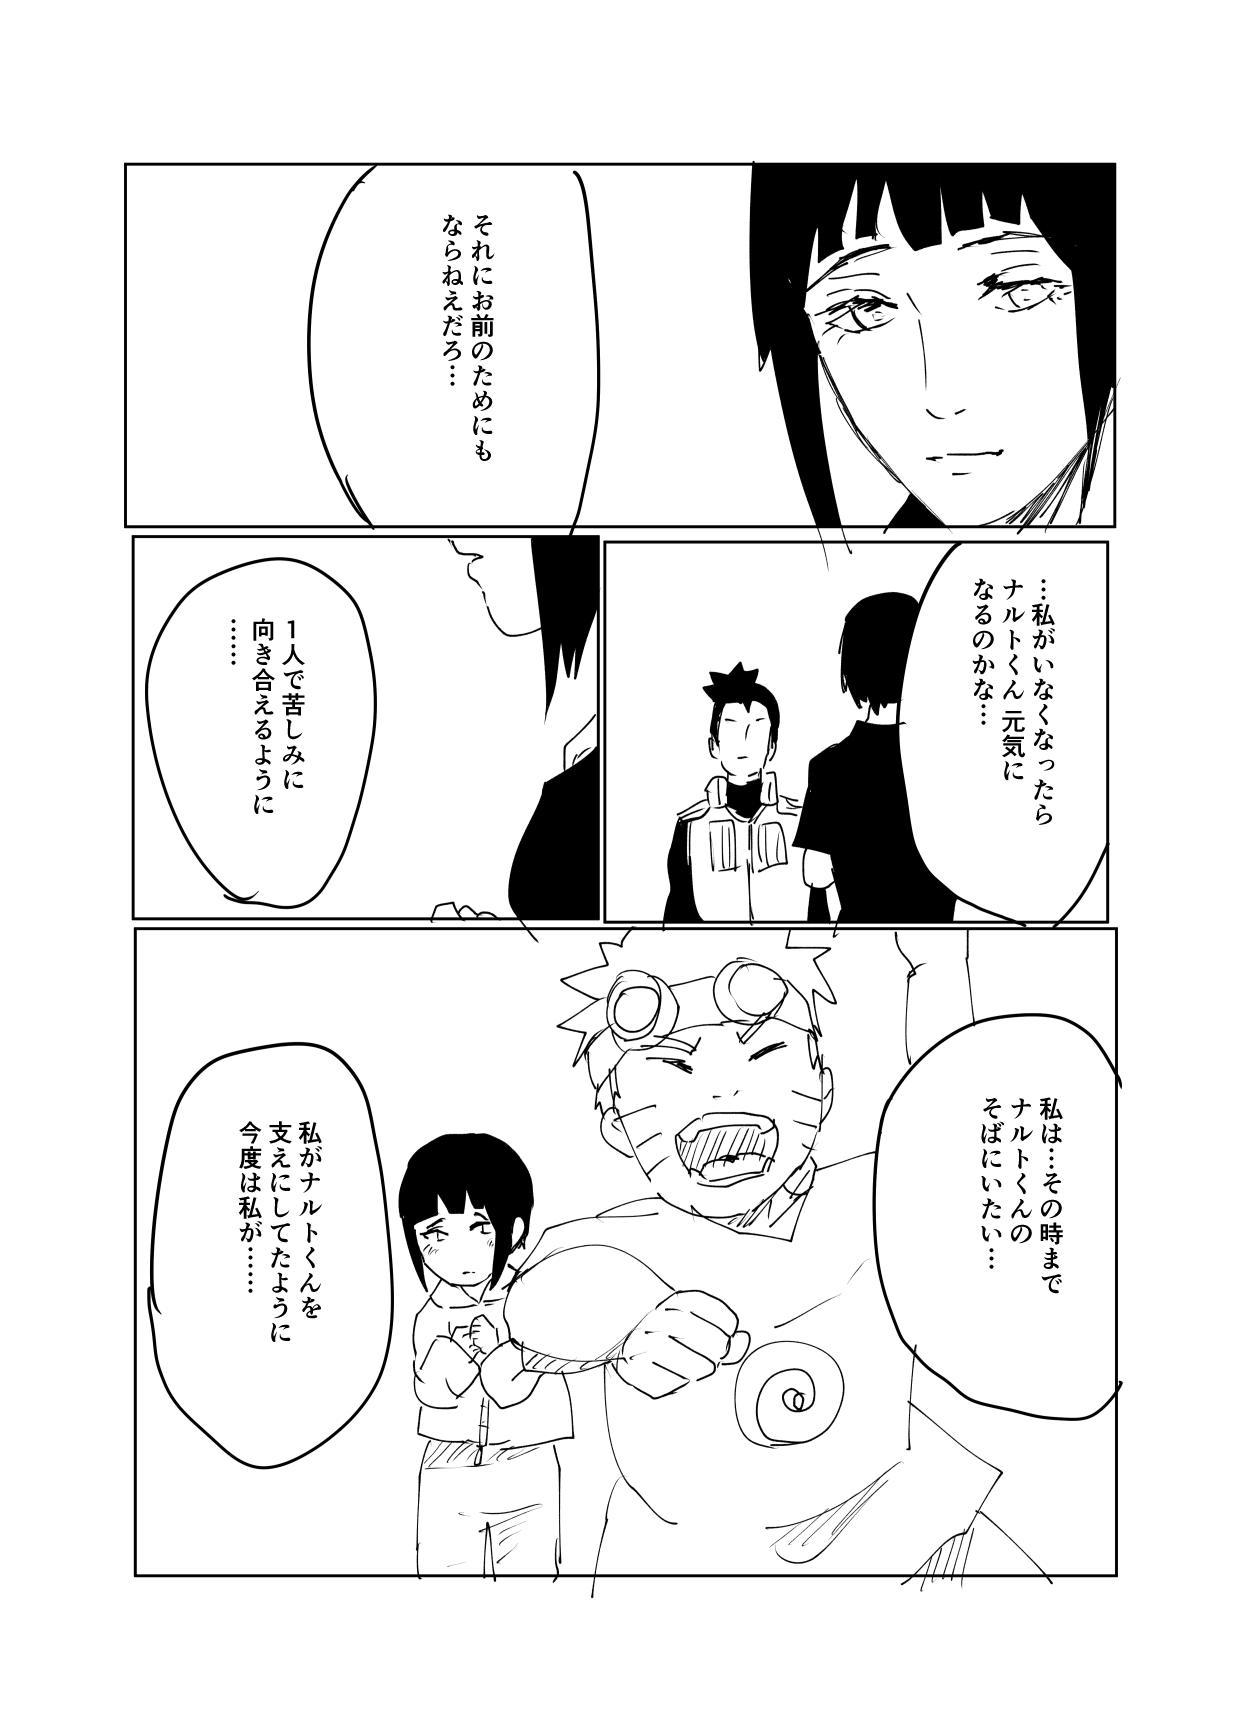 嘘告白漫画 101